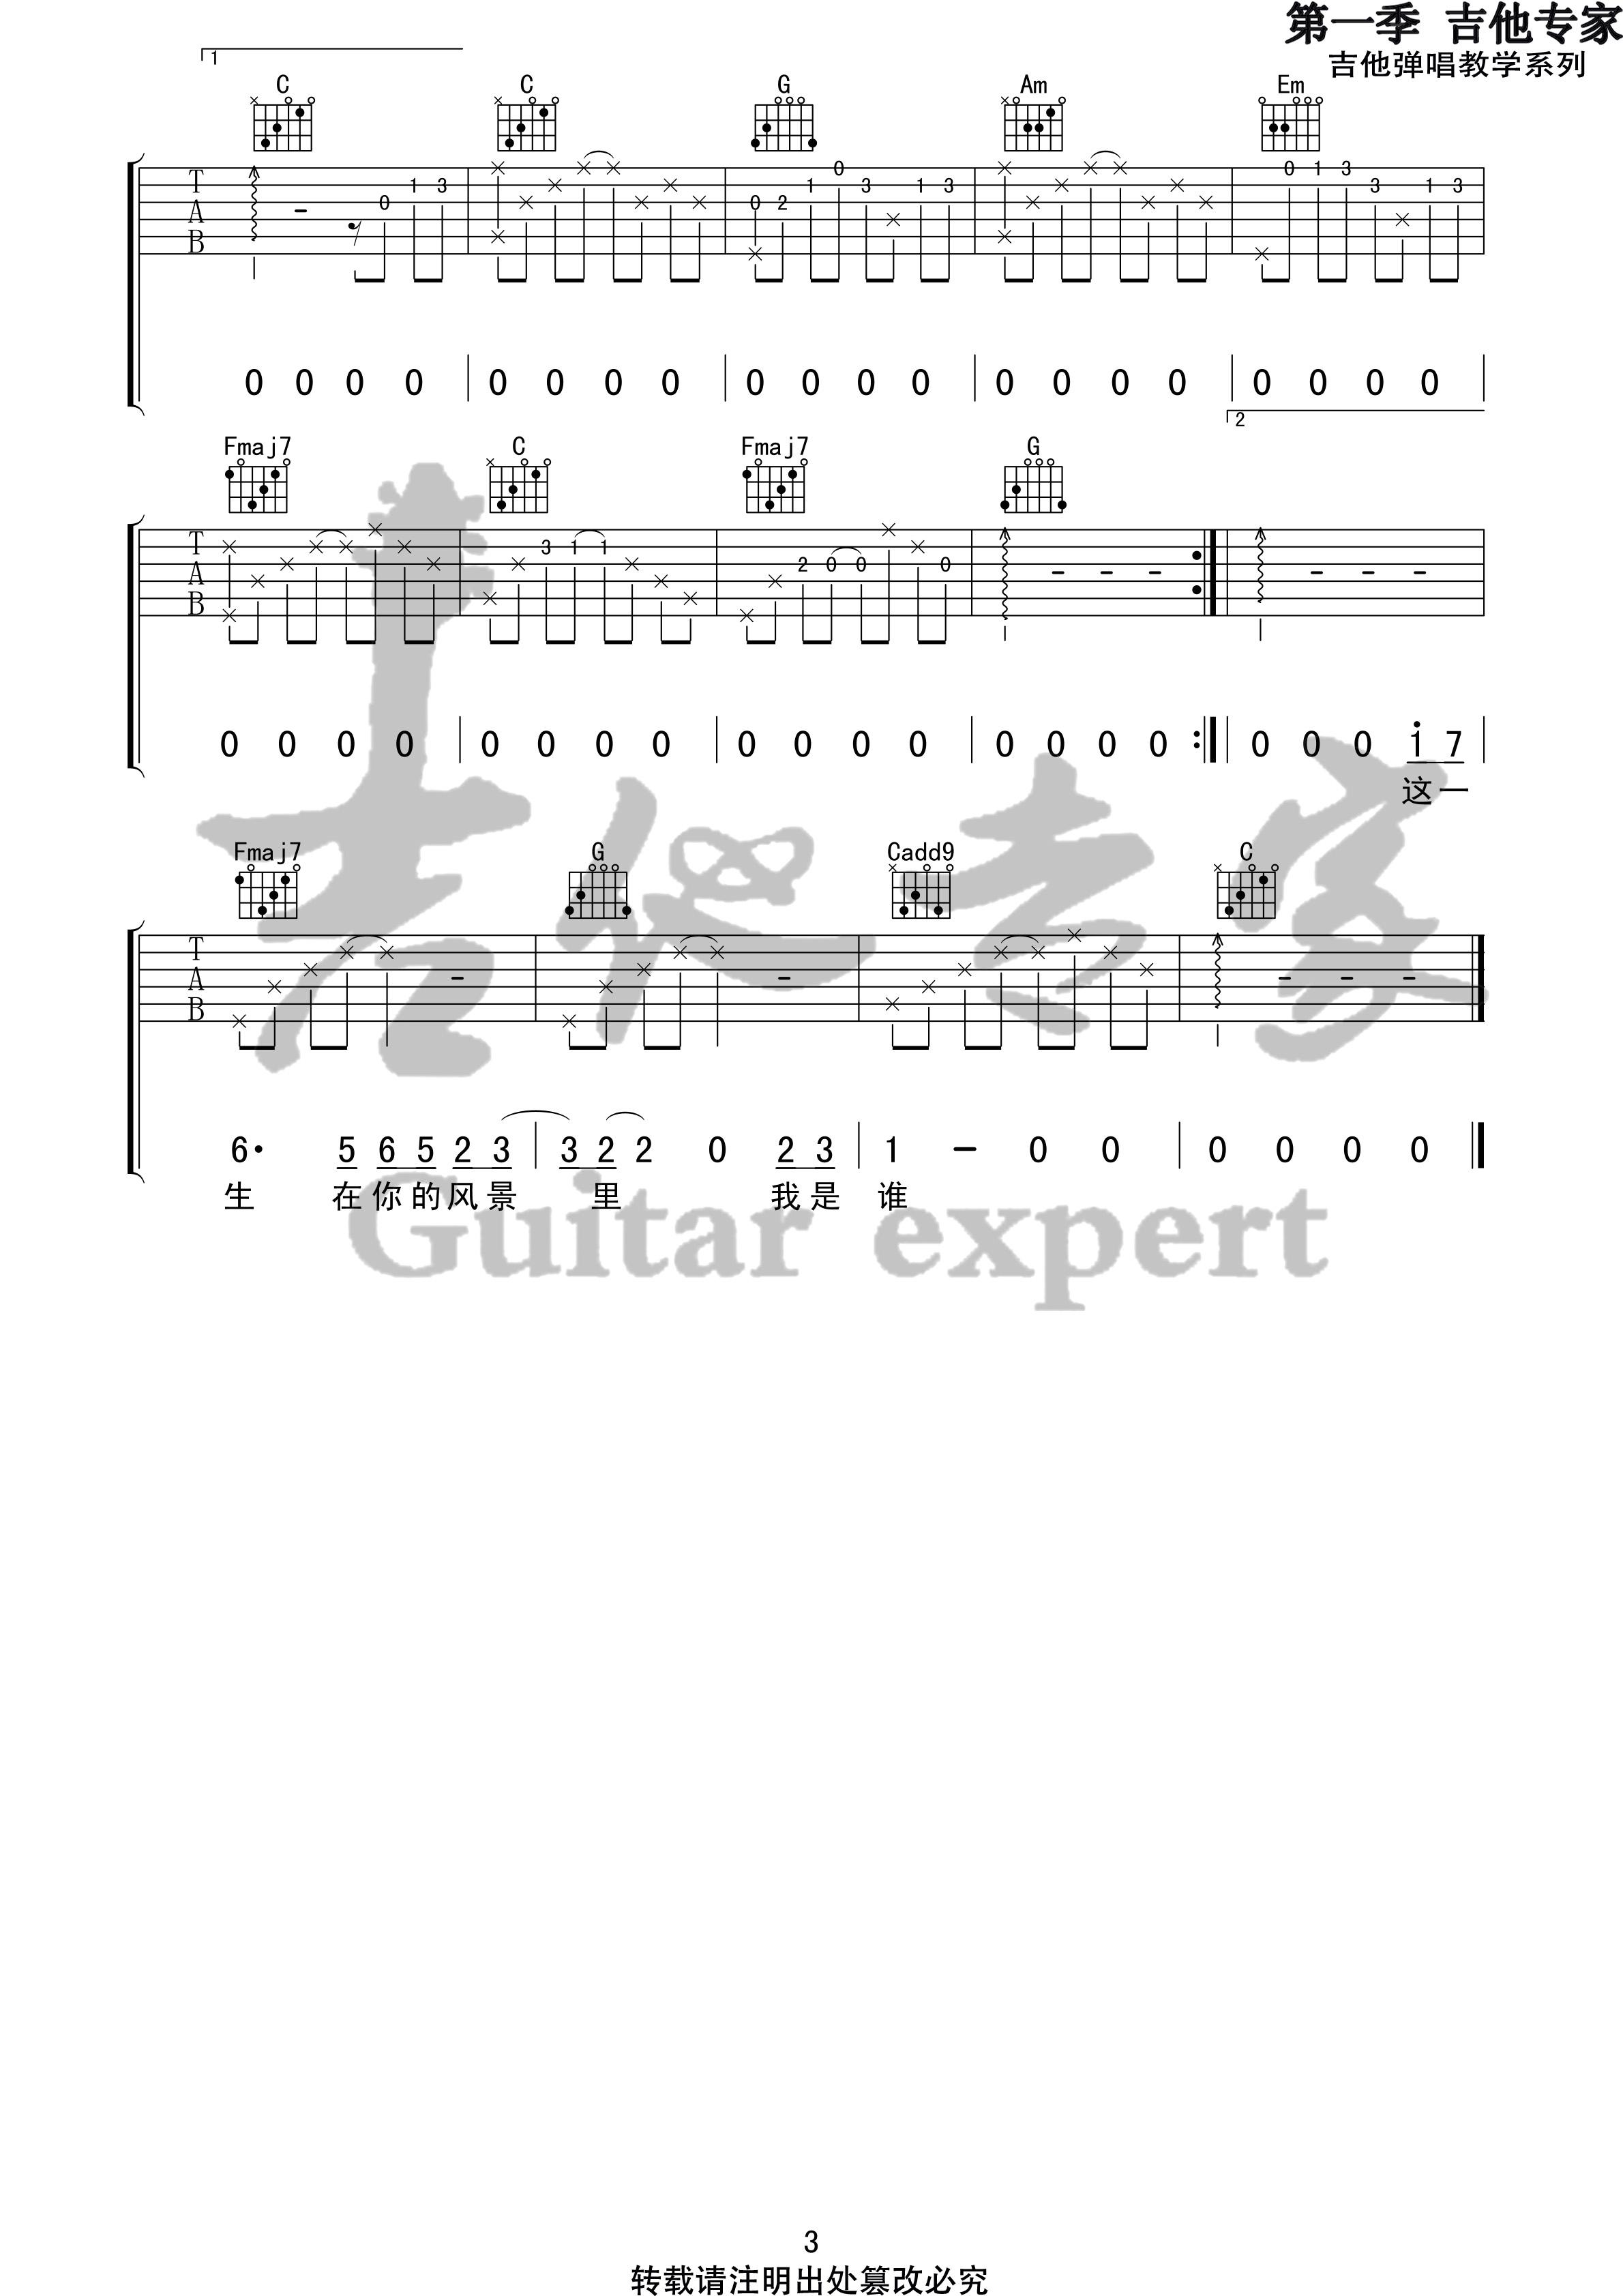 吉他派《这一生关于你的风景》吉他谱-3